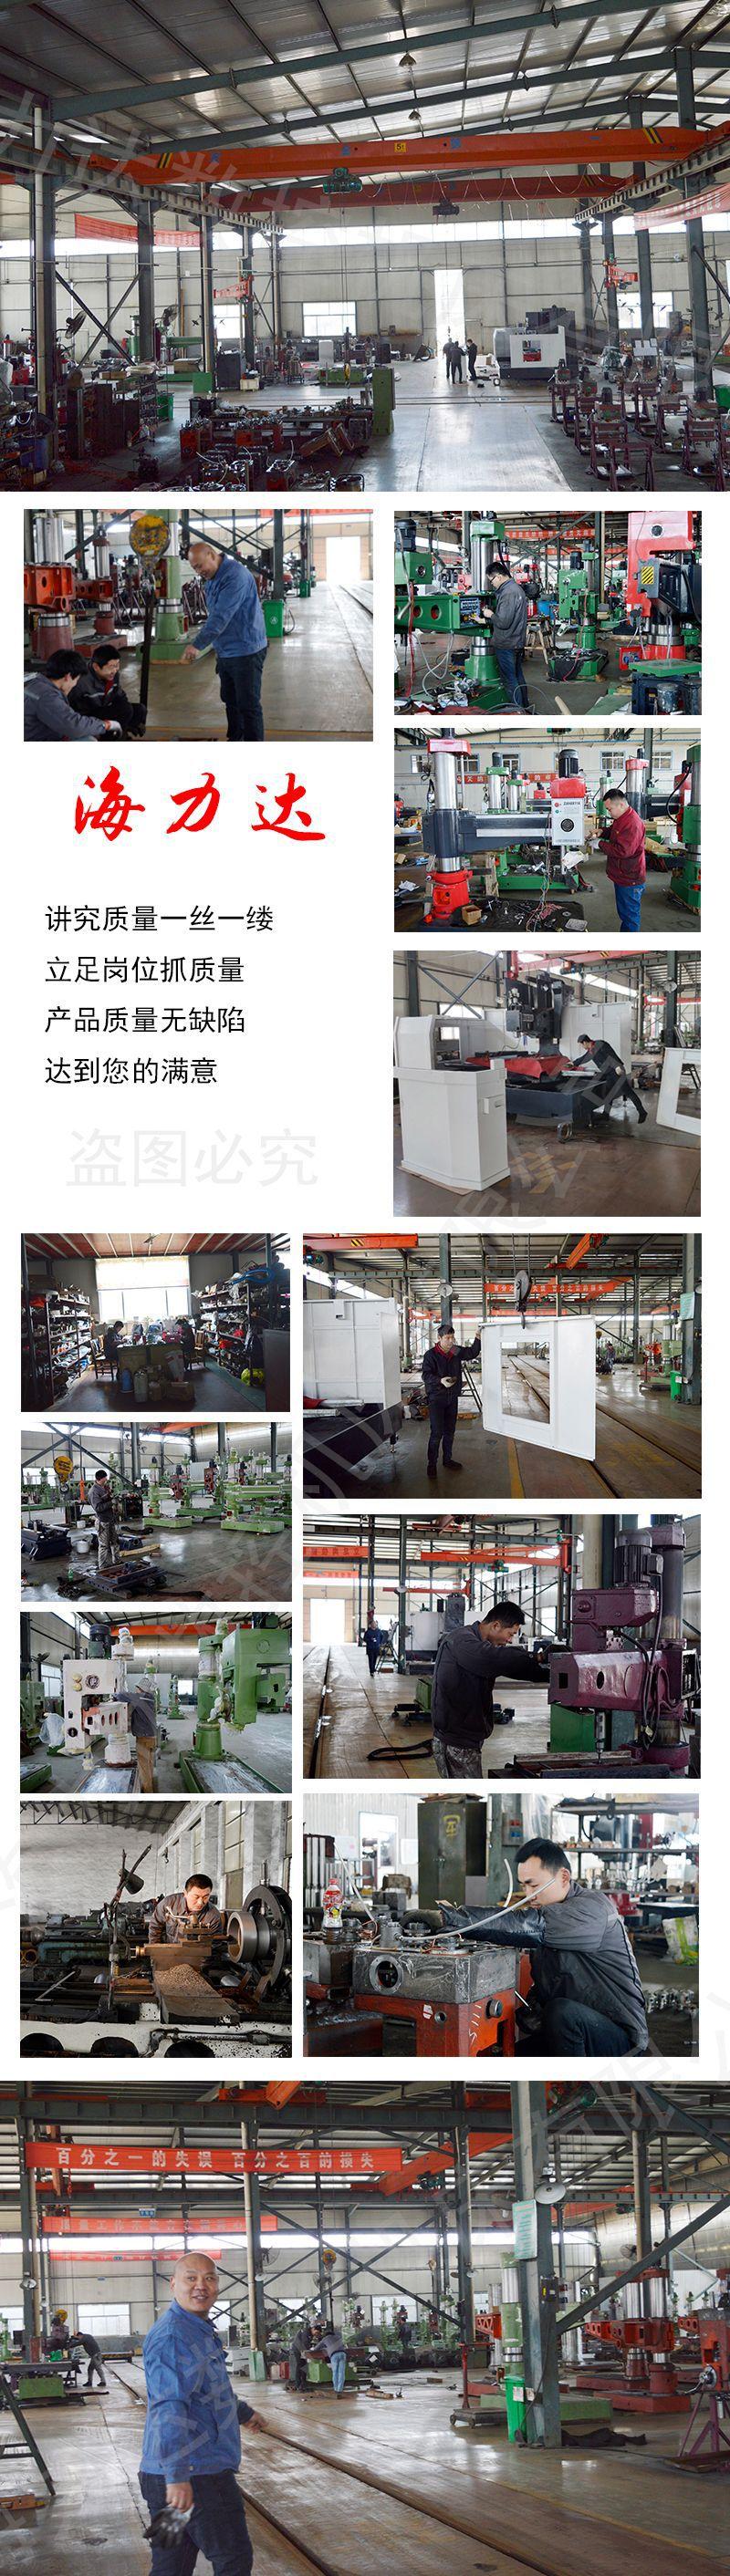 厂家直销 z3080摇臂钻床 山东海力达z3080*20摇臂钻 货源产地示例图15